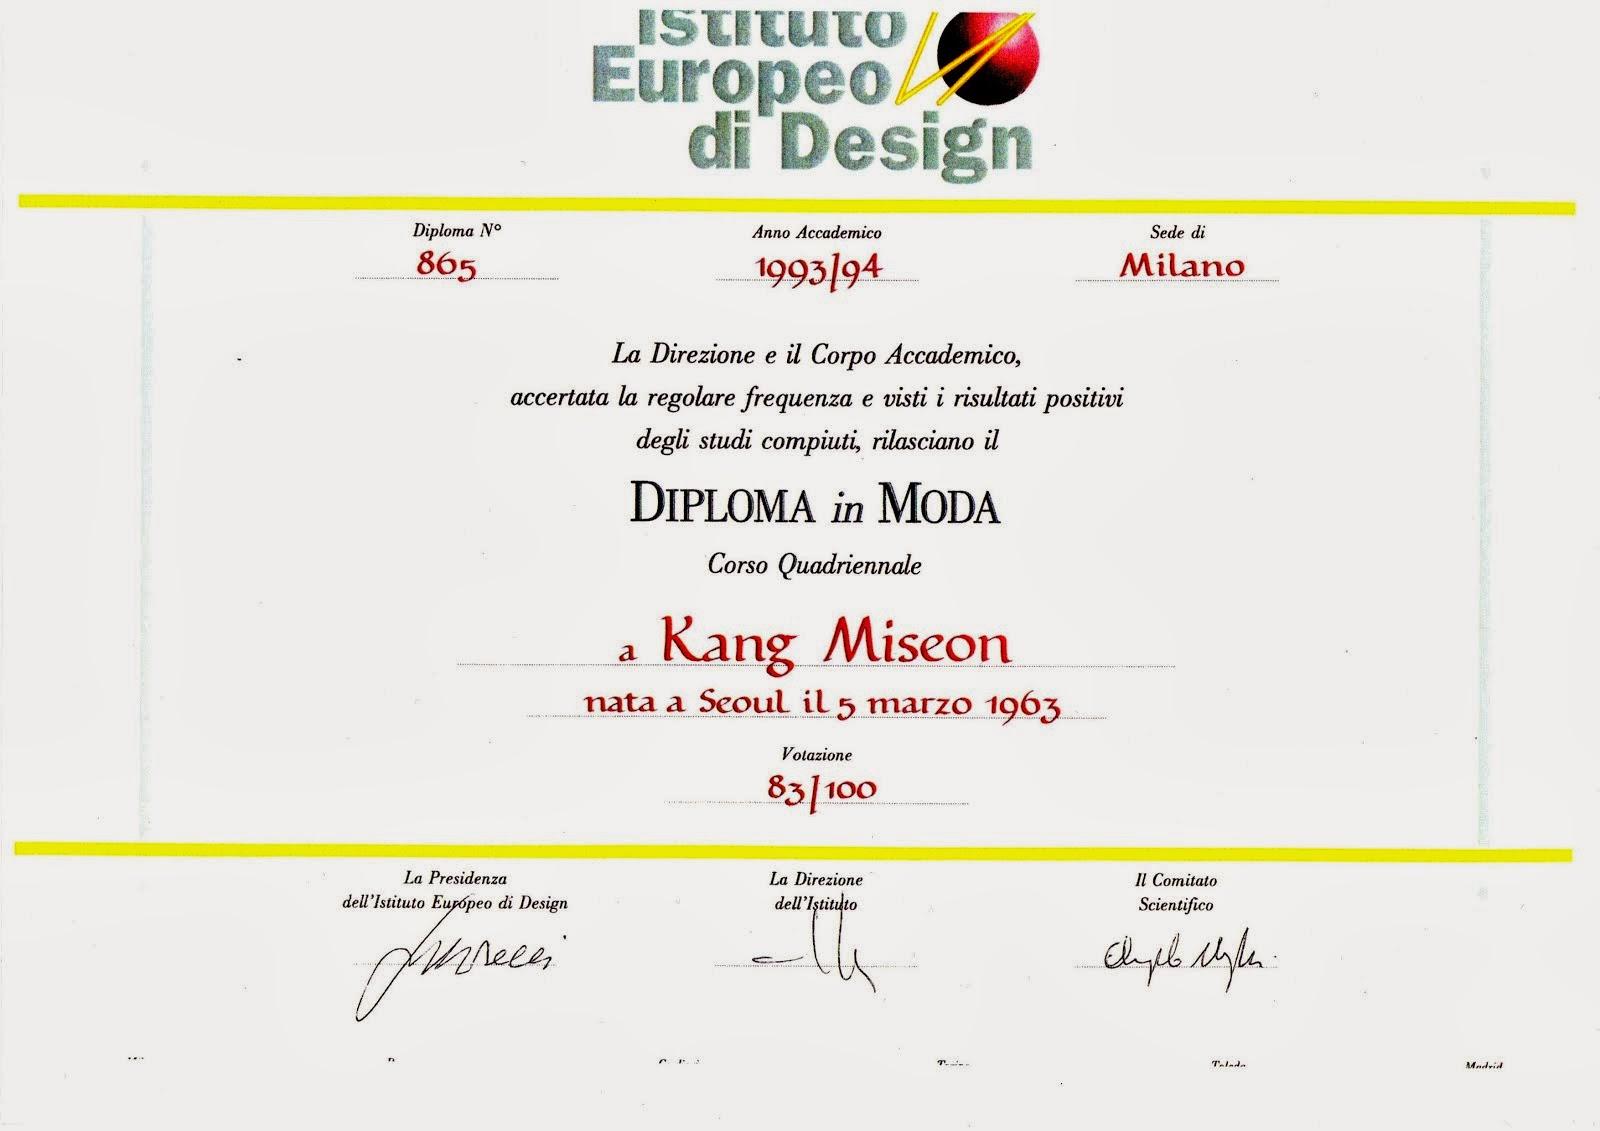 European institute of Design